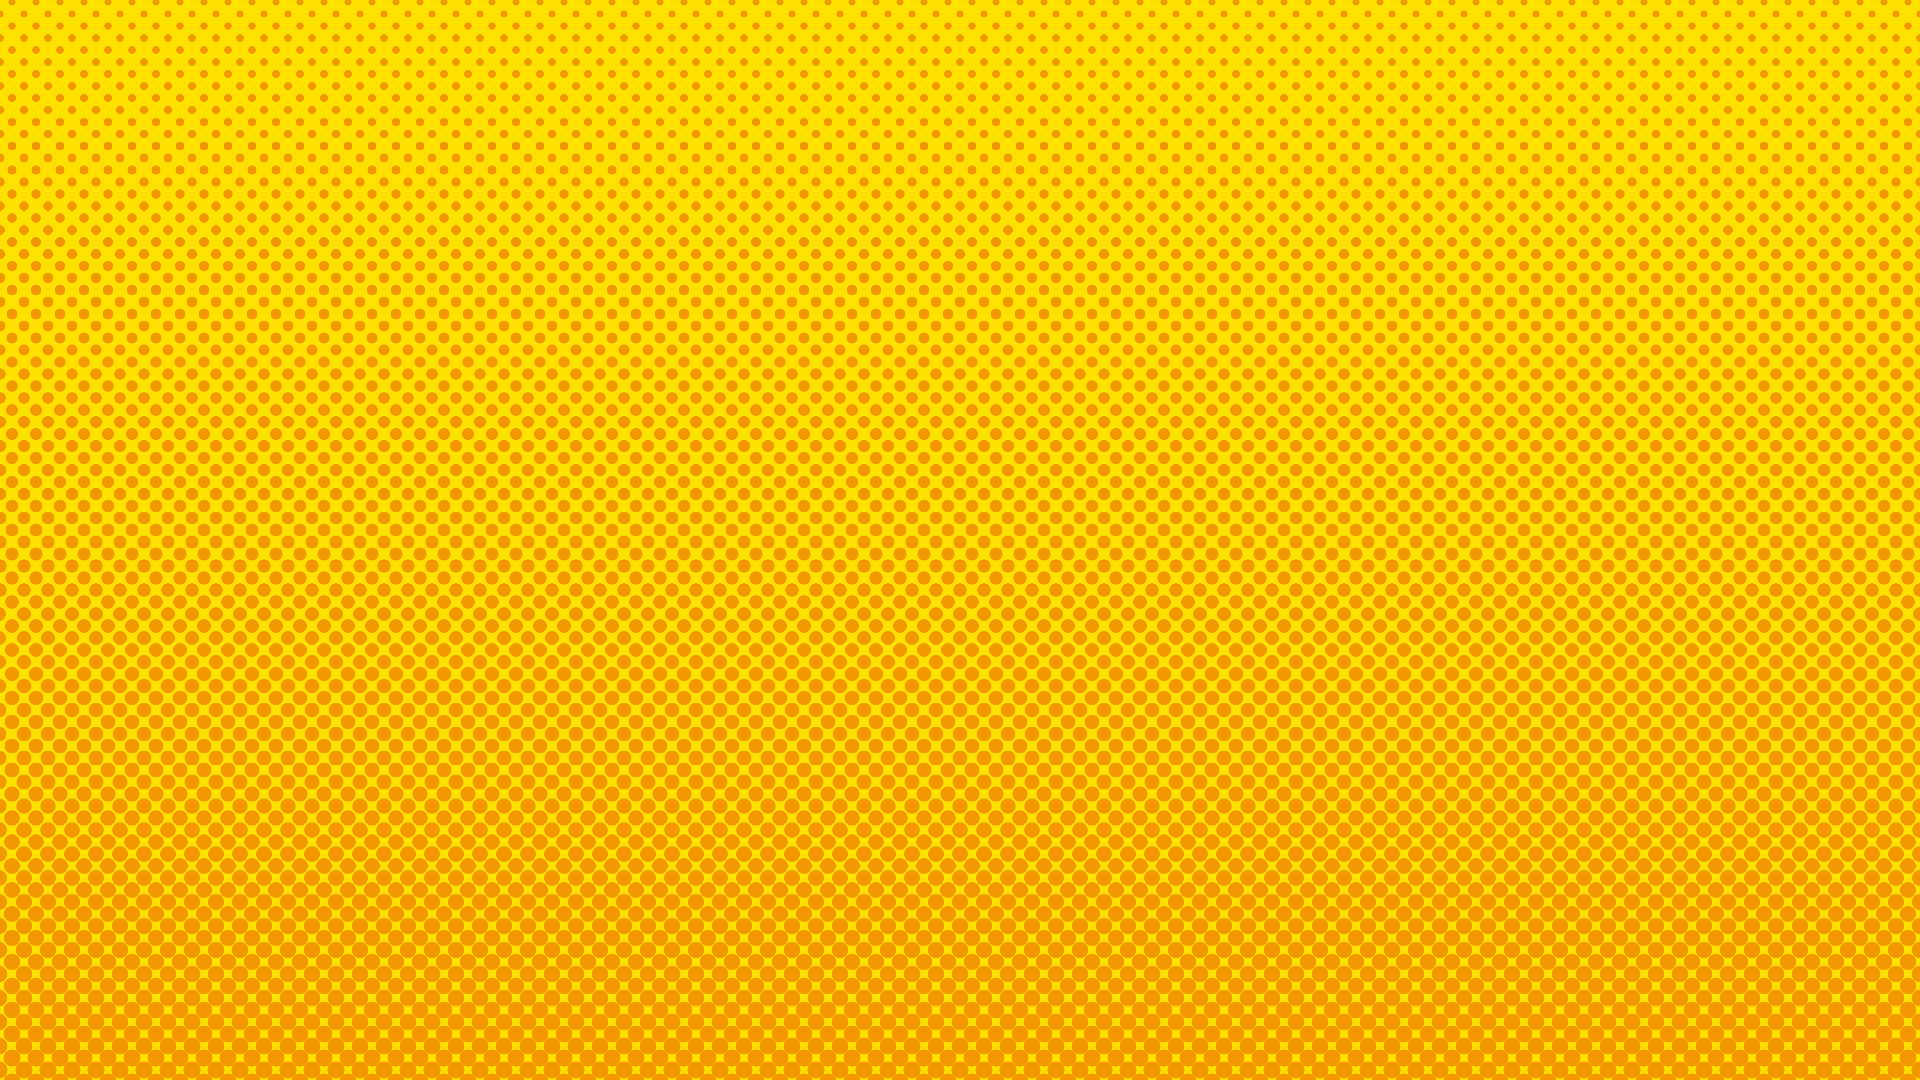 グラデーション&Youtubeのサムネイル用の背景の無料イラスト画像素材